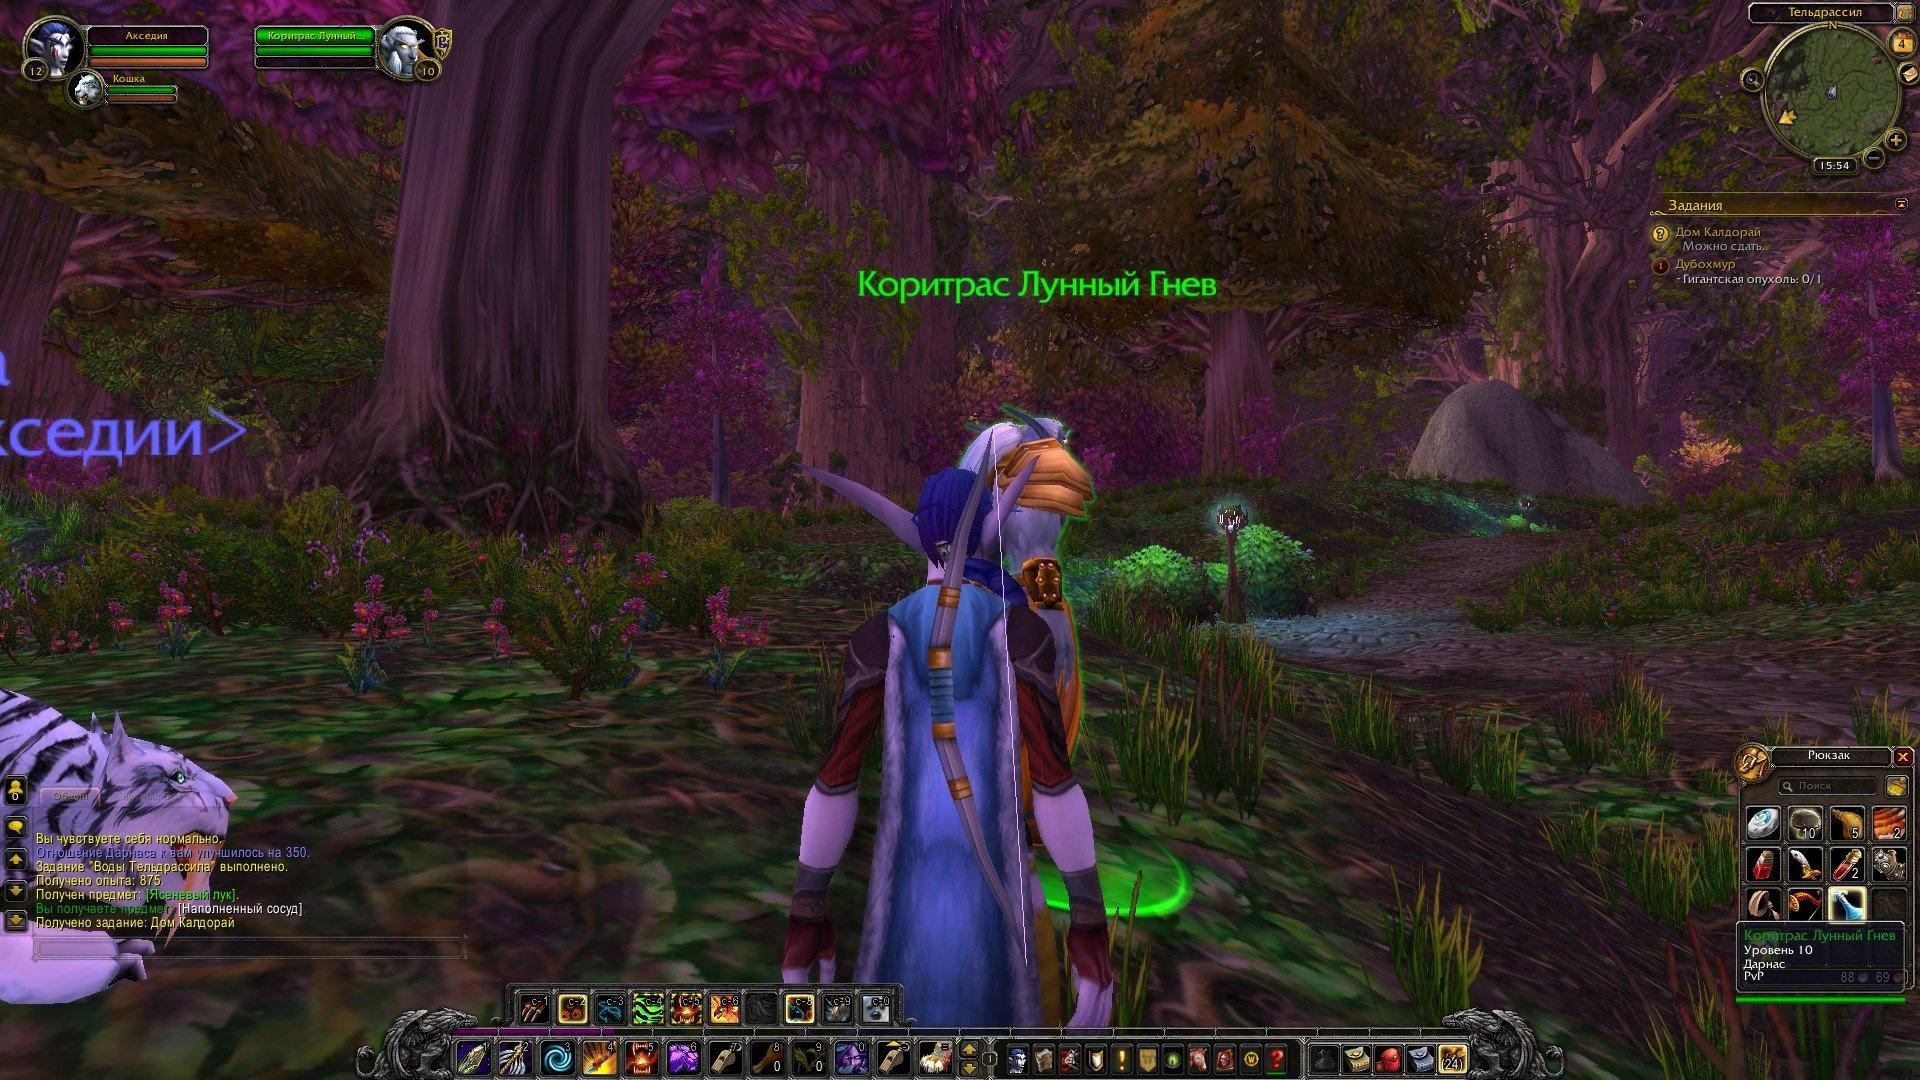 Путешествие по World of Warcraft ... Ночной Эльф. Глава 1 - Изображение 11